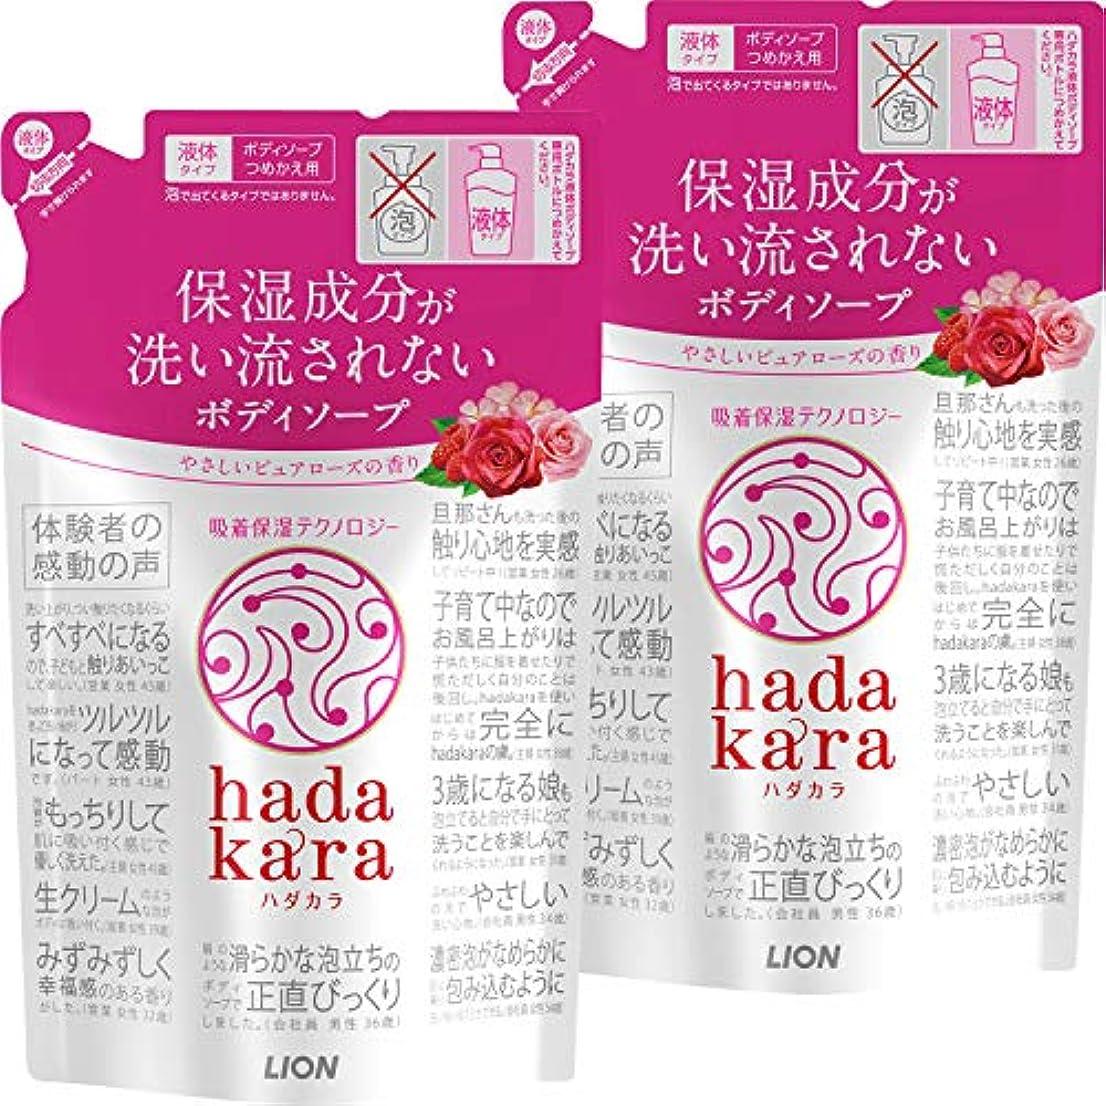 ヘクタール思われる不利益【まとめ買い】hadakara(ハダカラ) ボディソープ ピュアローズの香り 詰め替え 360ml×2個パック